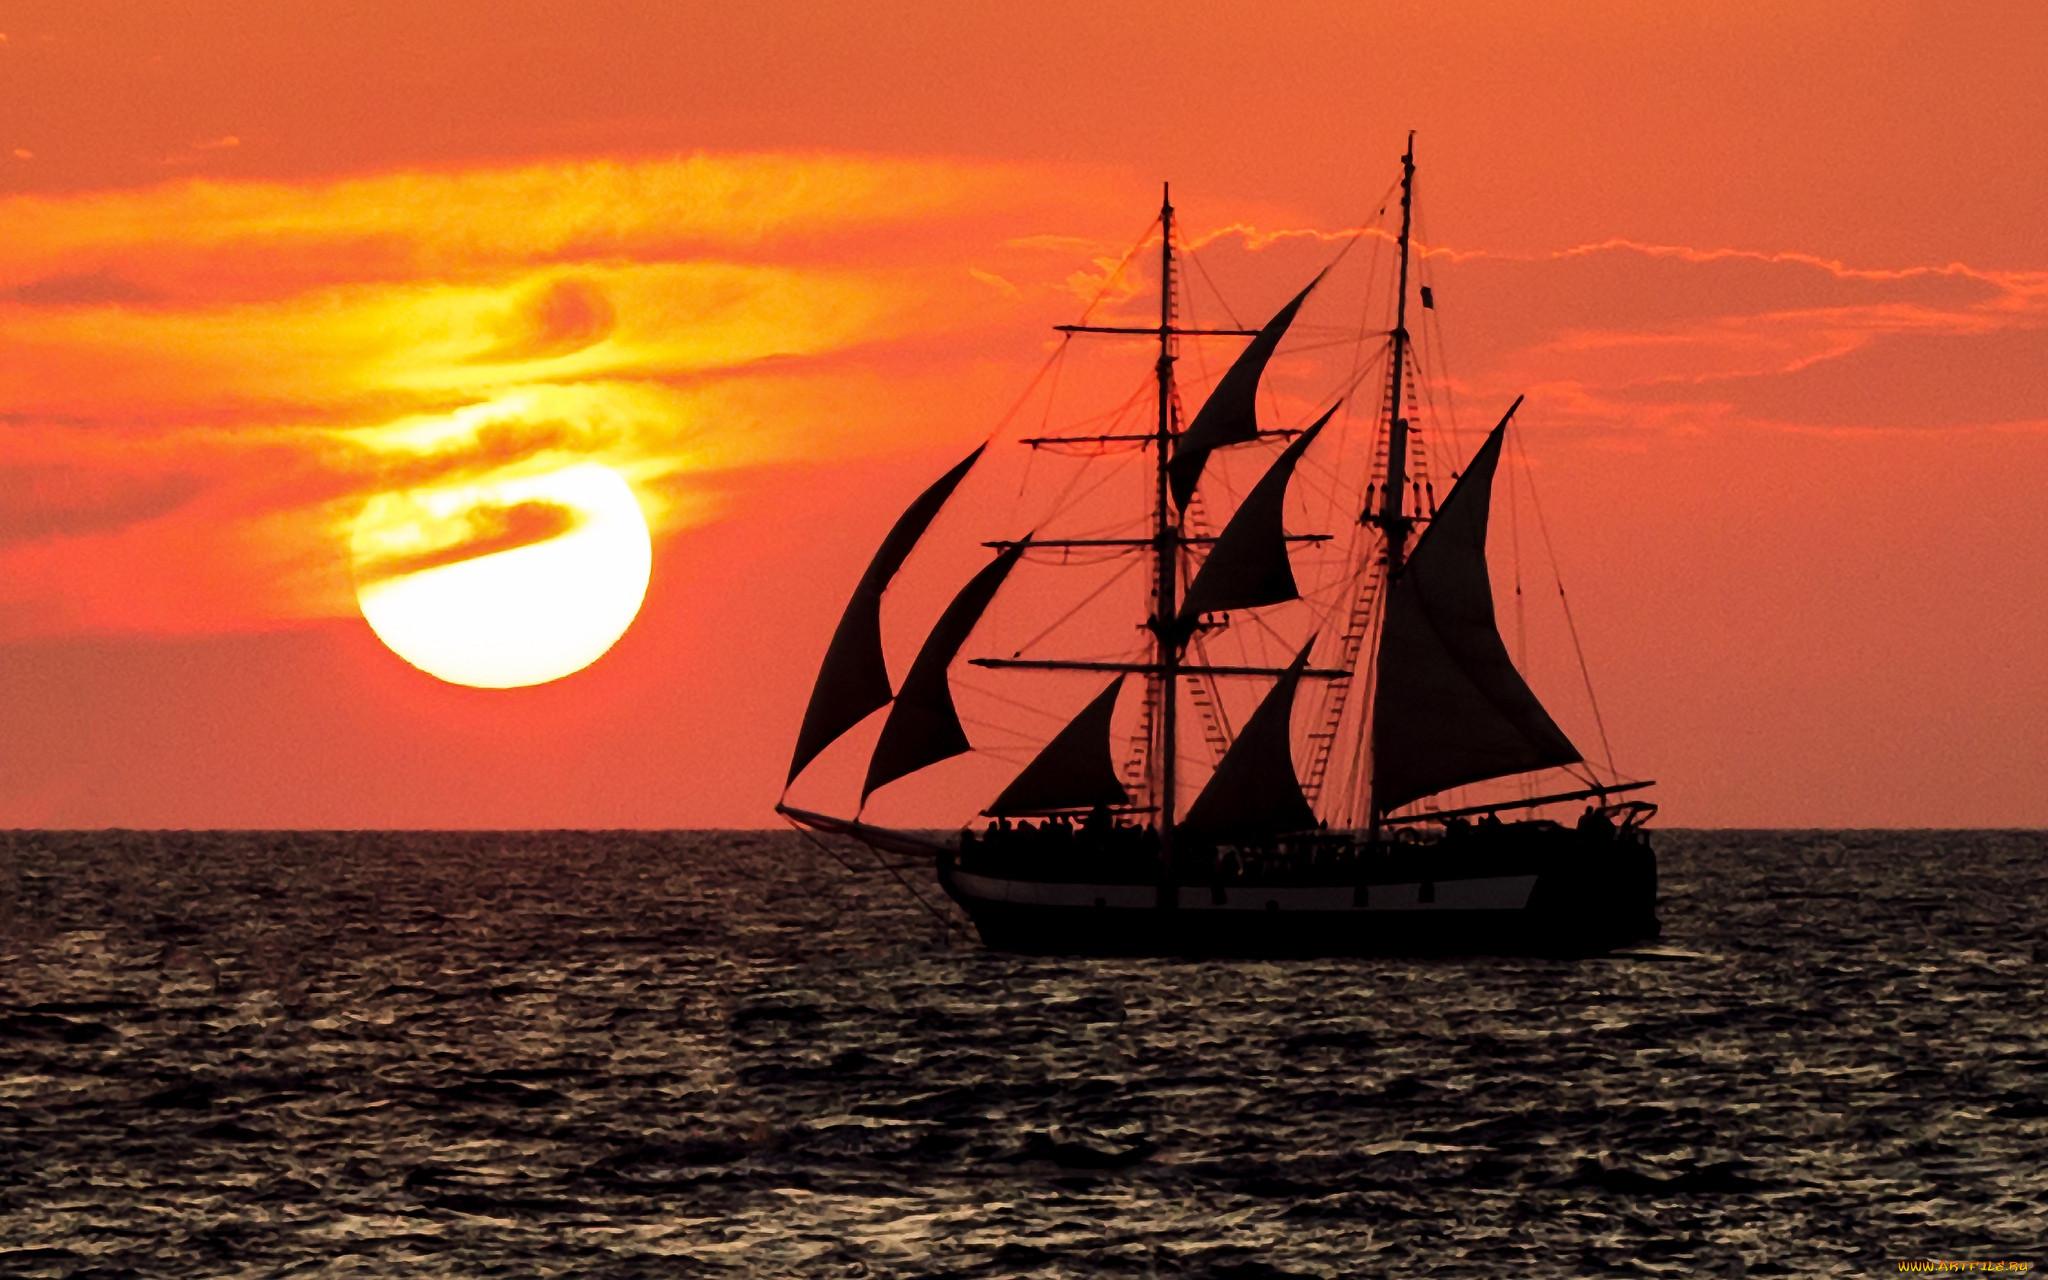 копируем информацию море корабли закаты картинки обусловлено тем, что